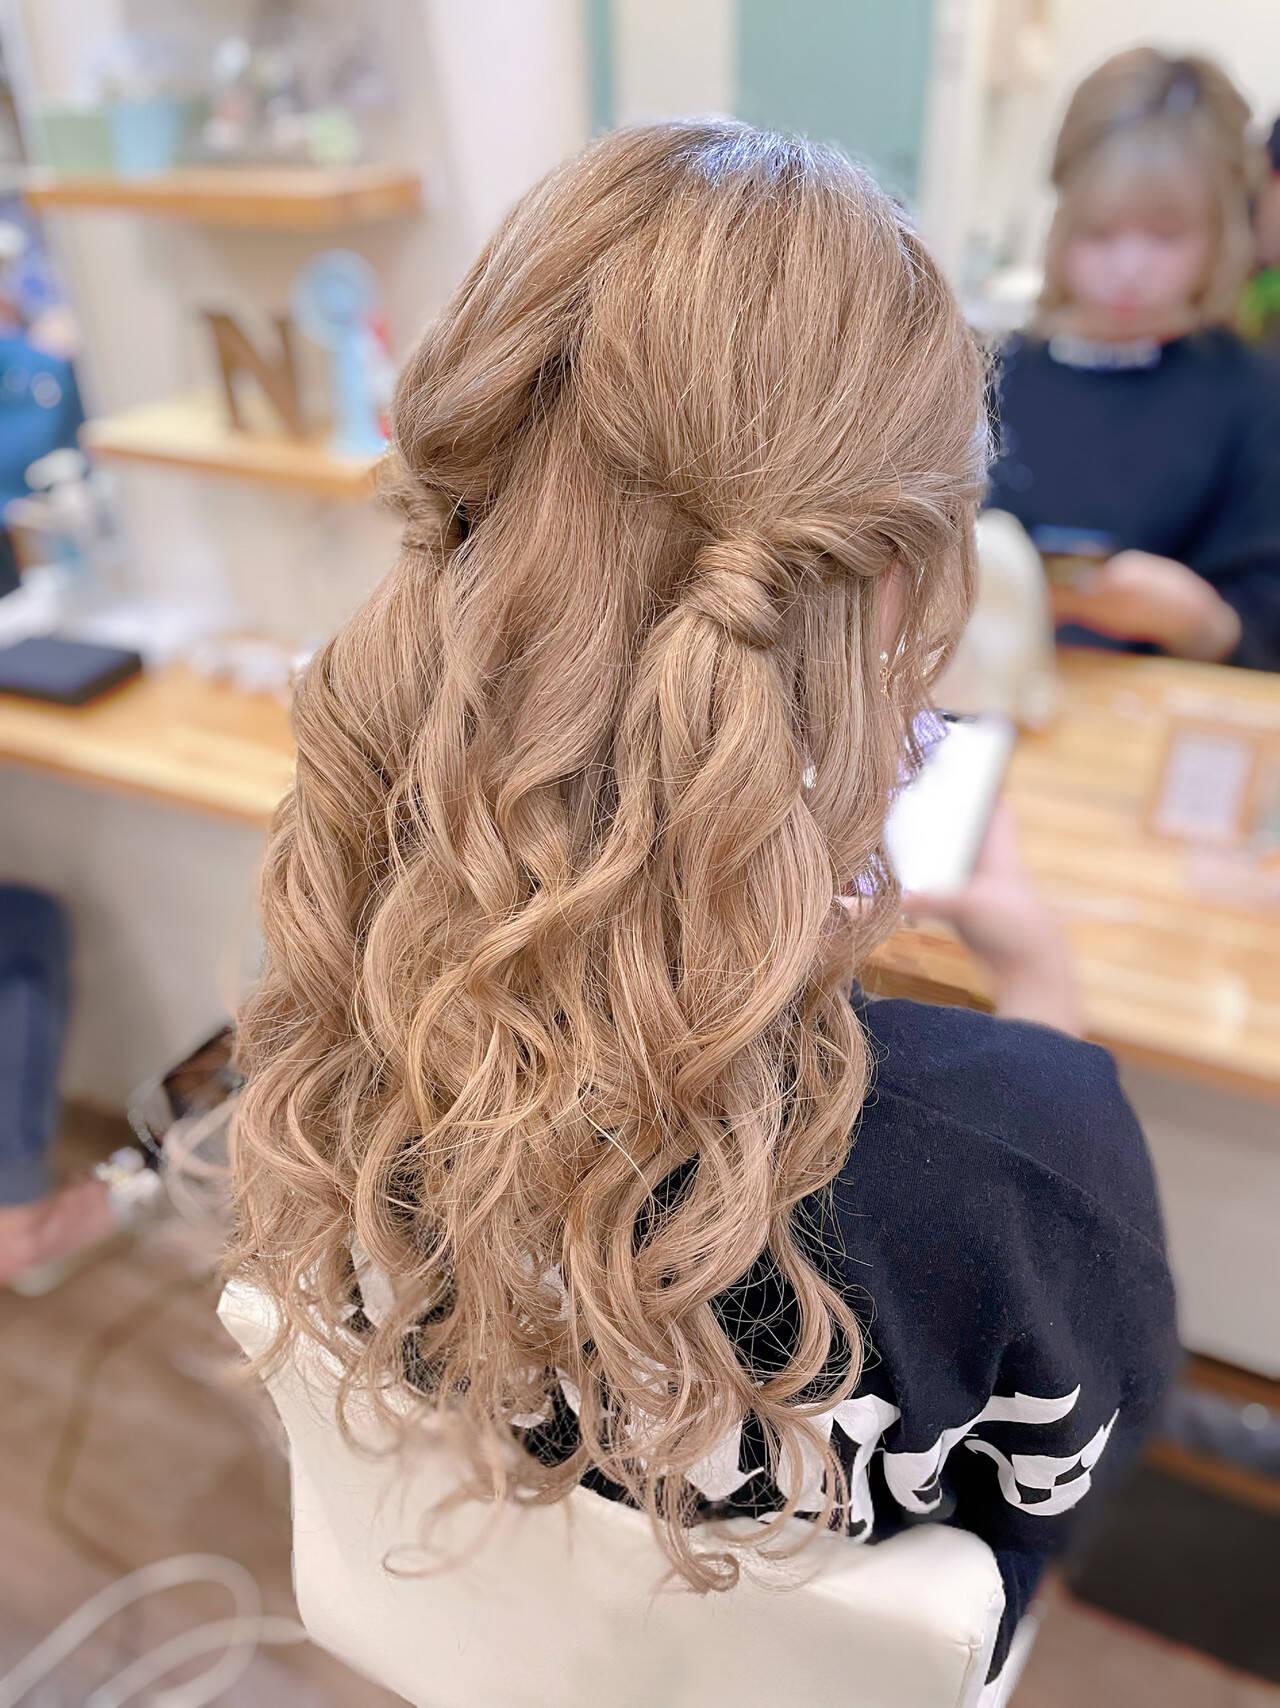 ガーリー ツインテール ハーフアップ ツインヘアスタイルや髪型の写真・画像